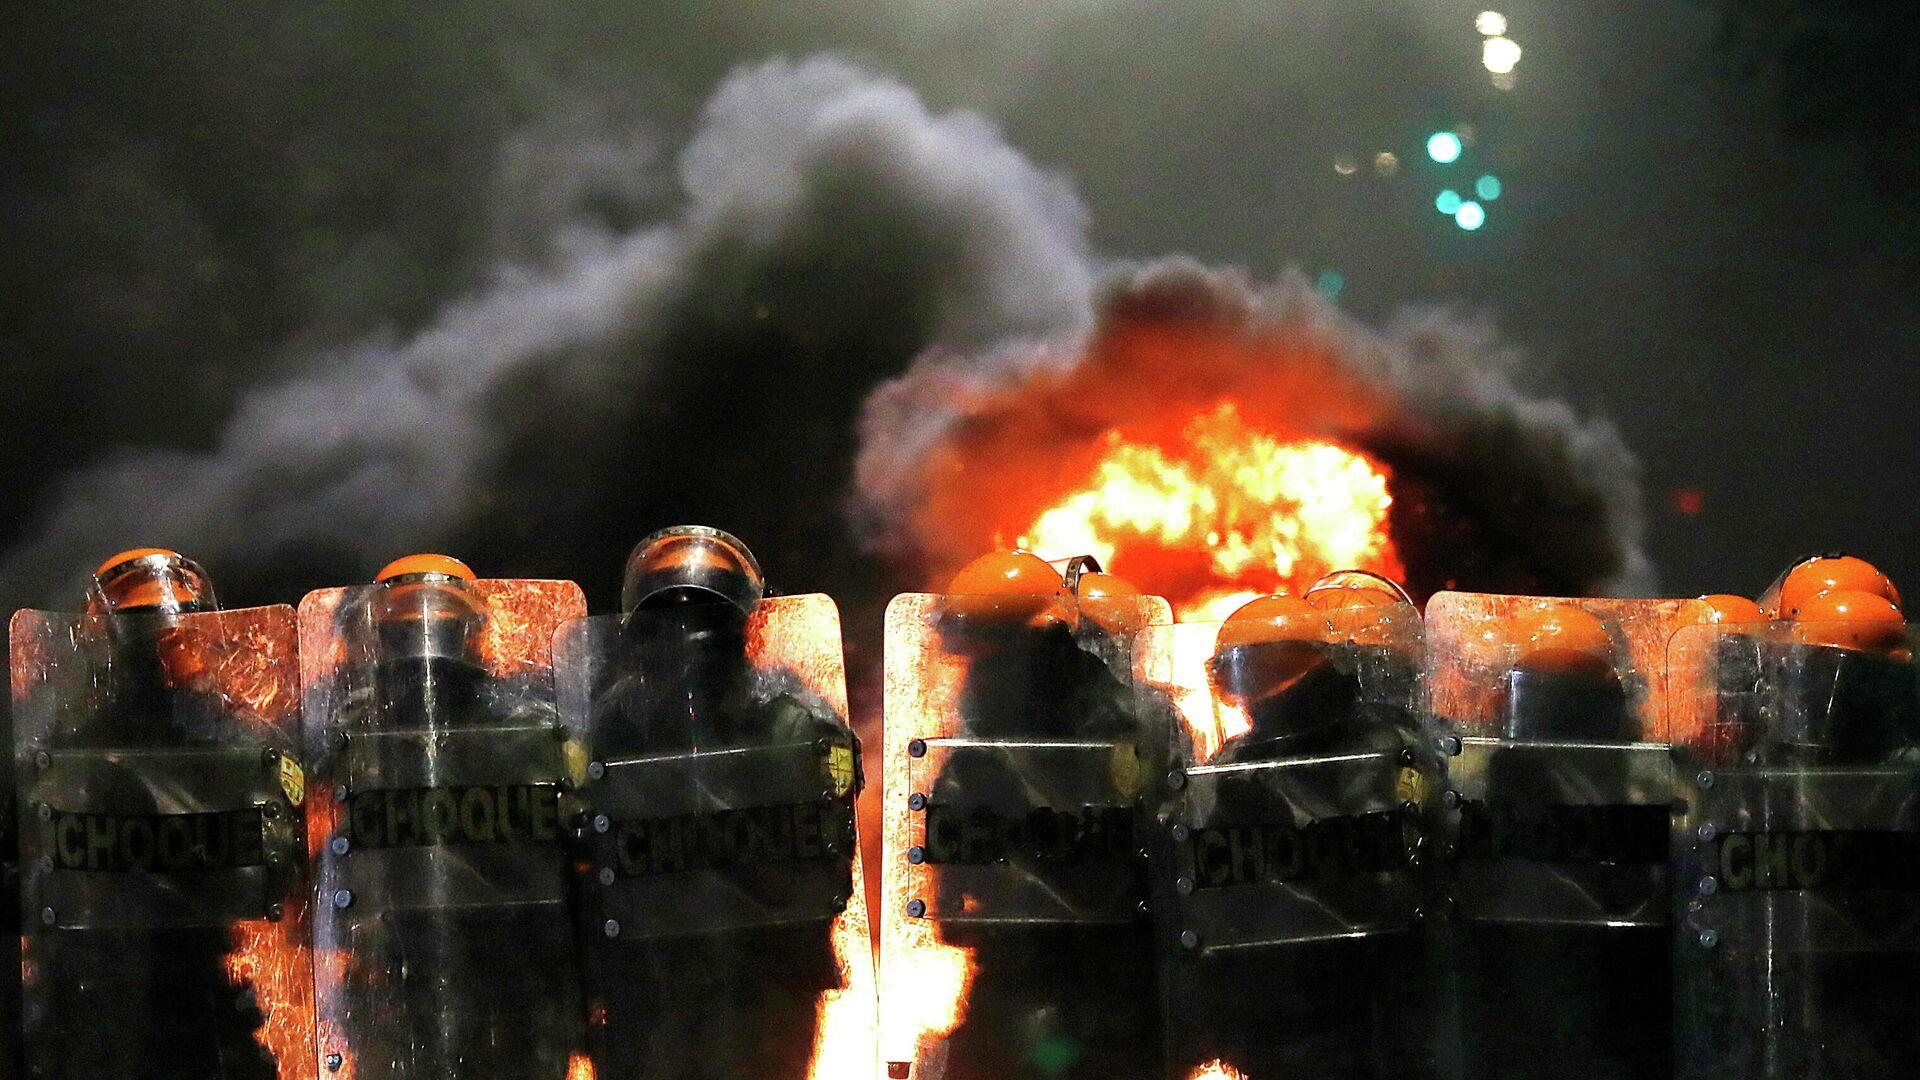 Полицейские во время акции протеста в Порту-Алегри, Бразилия. 23 ноября 2020 - РИА Новости, 1920, 24.11.2020